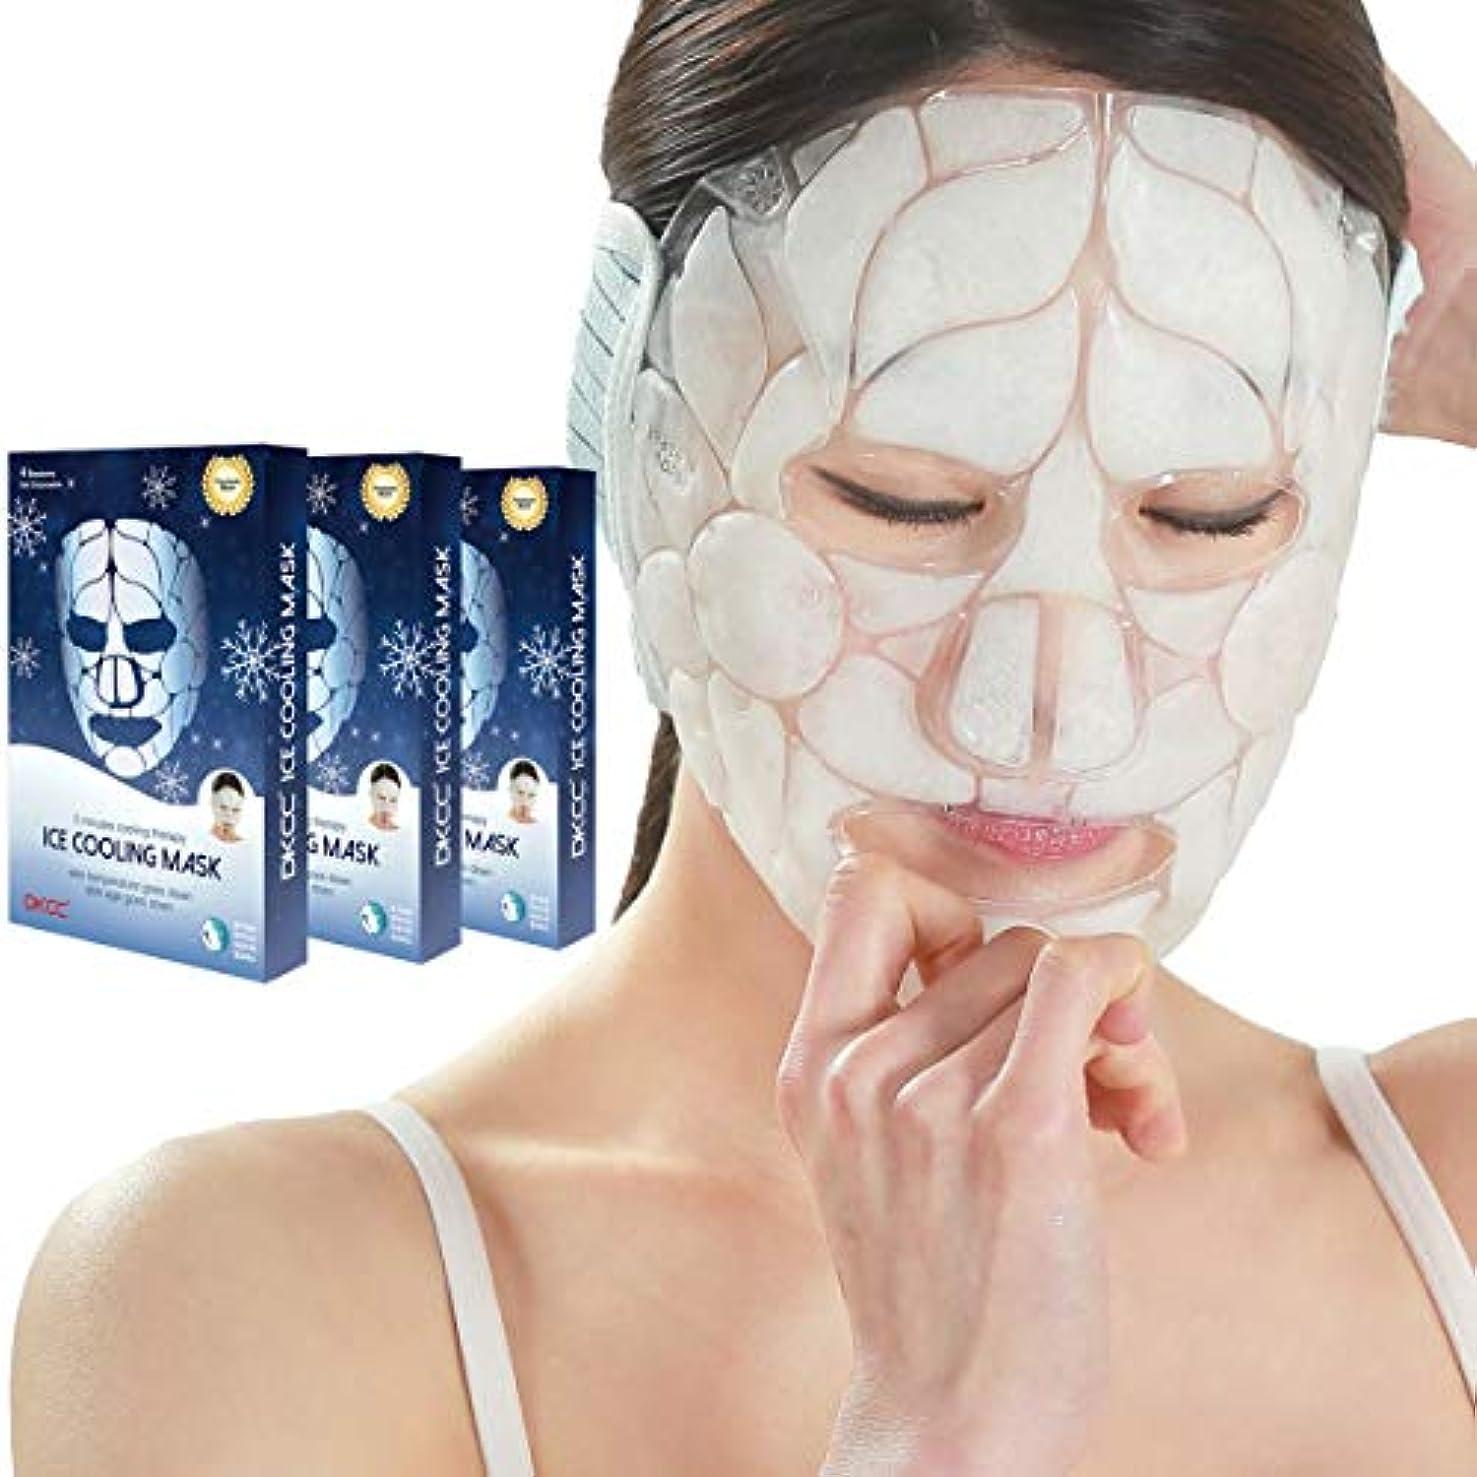 パートナー集団実質的DKCC アイスクーリングマスク